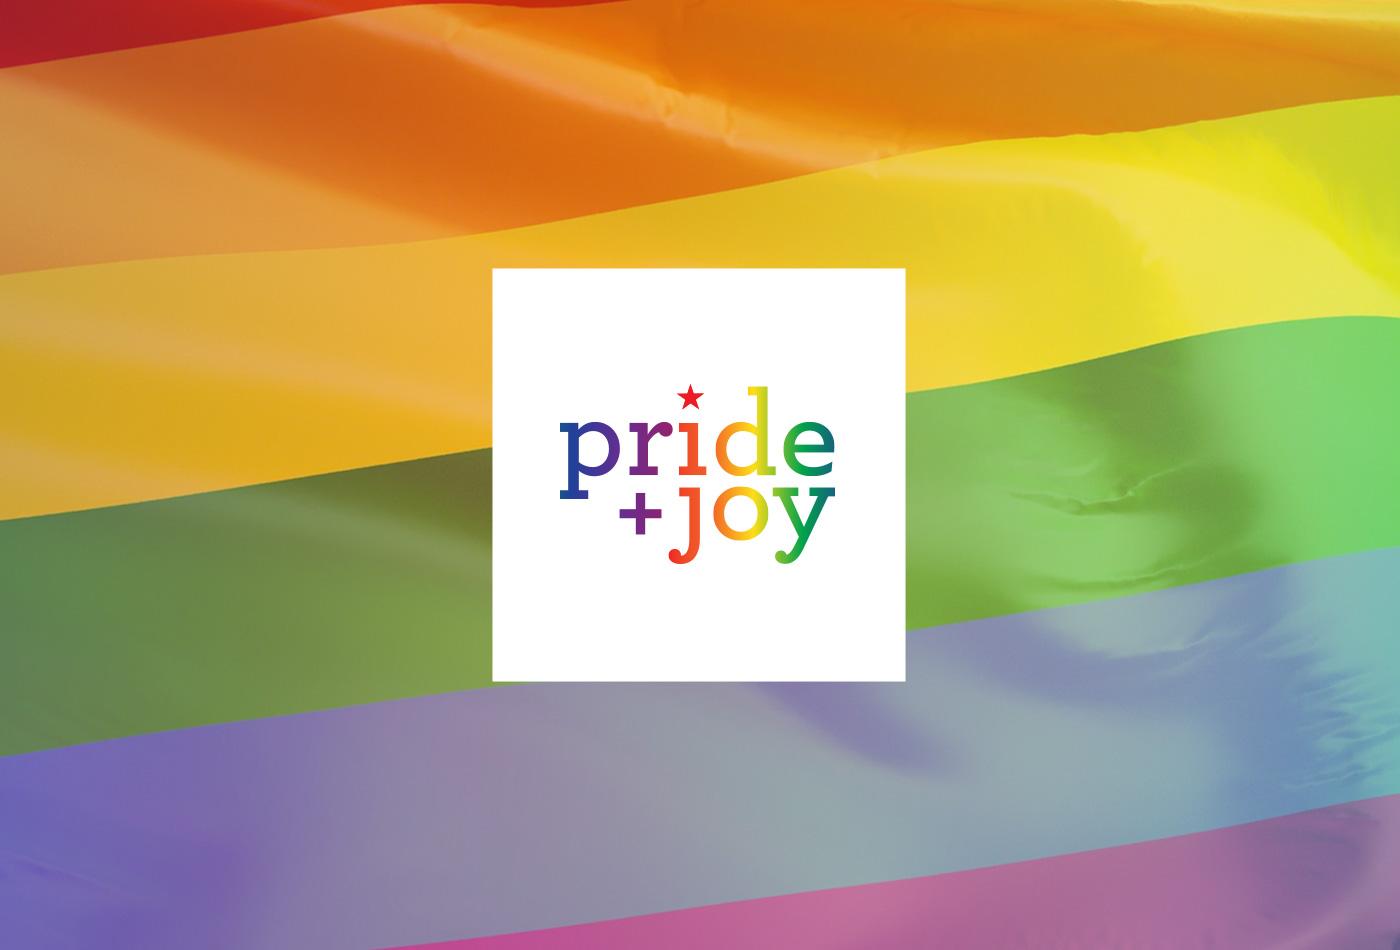 Macy's Pride + Joy